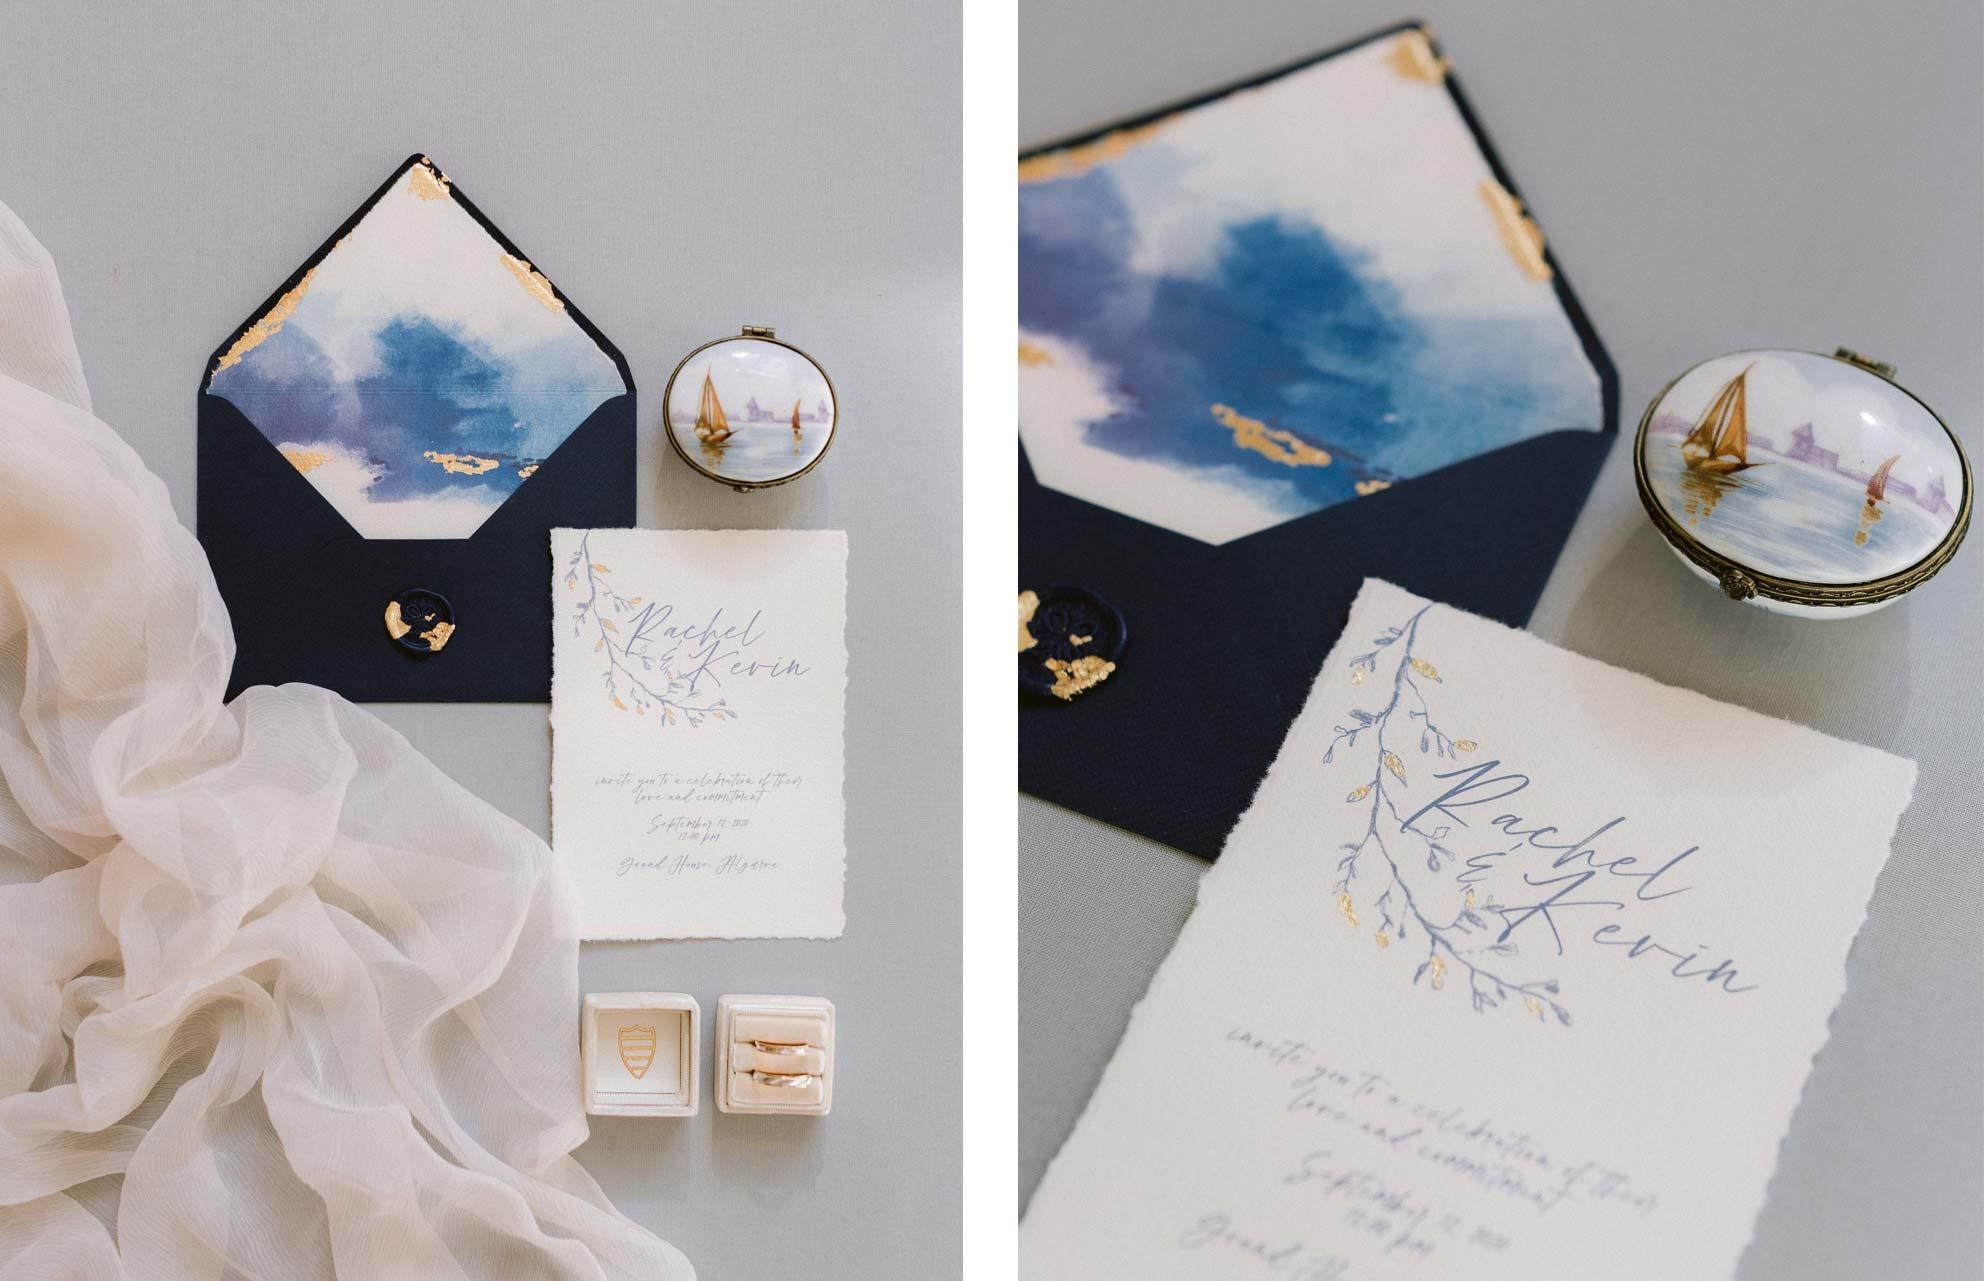 convite-em-ouro-e-azul